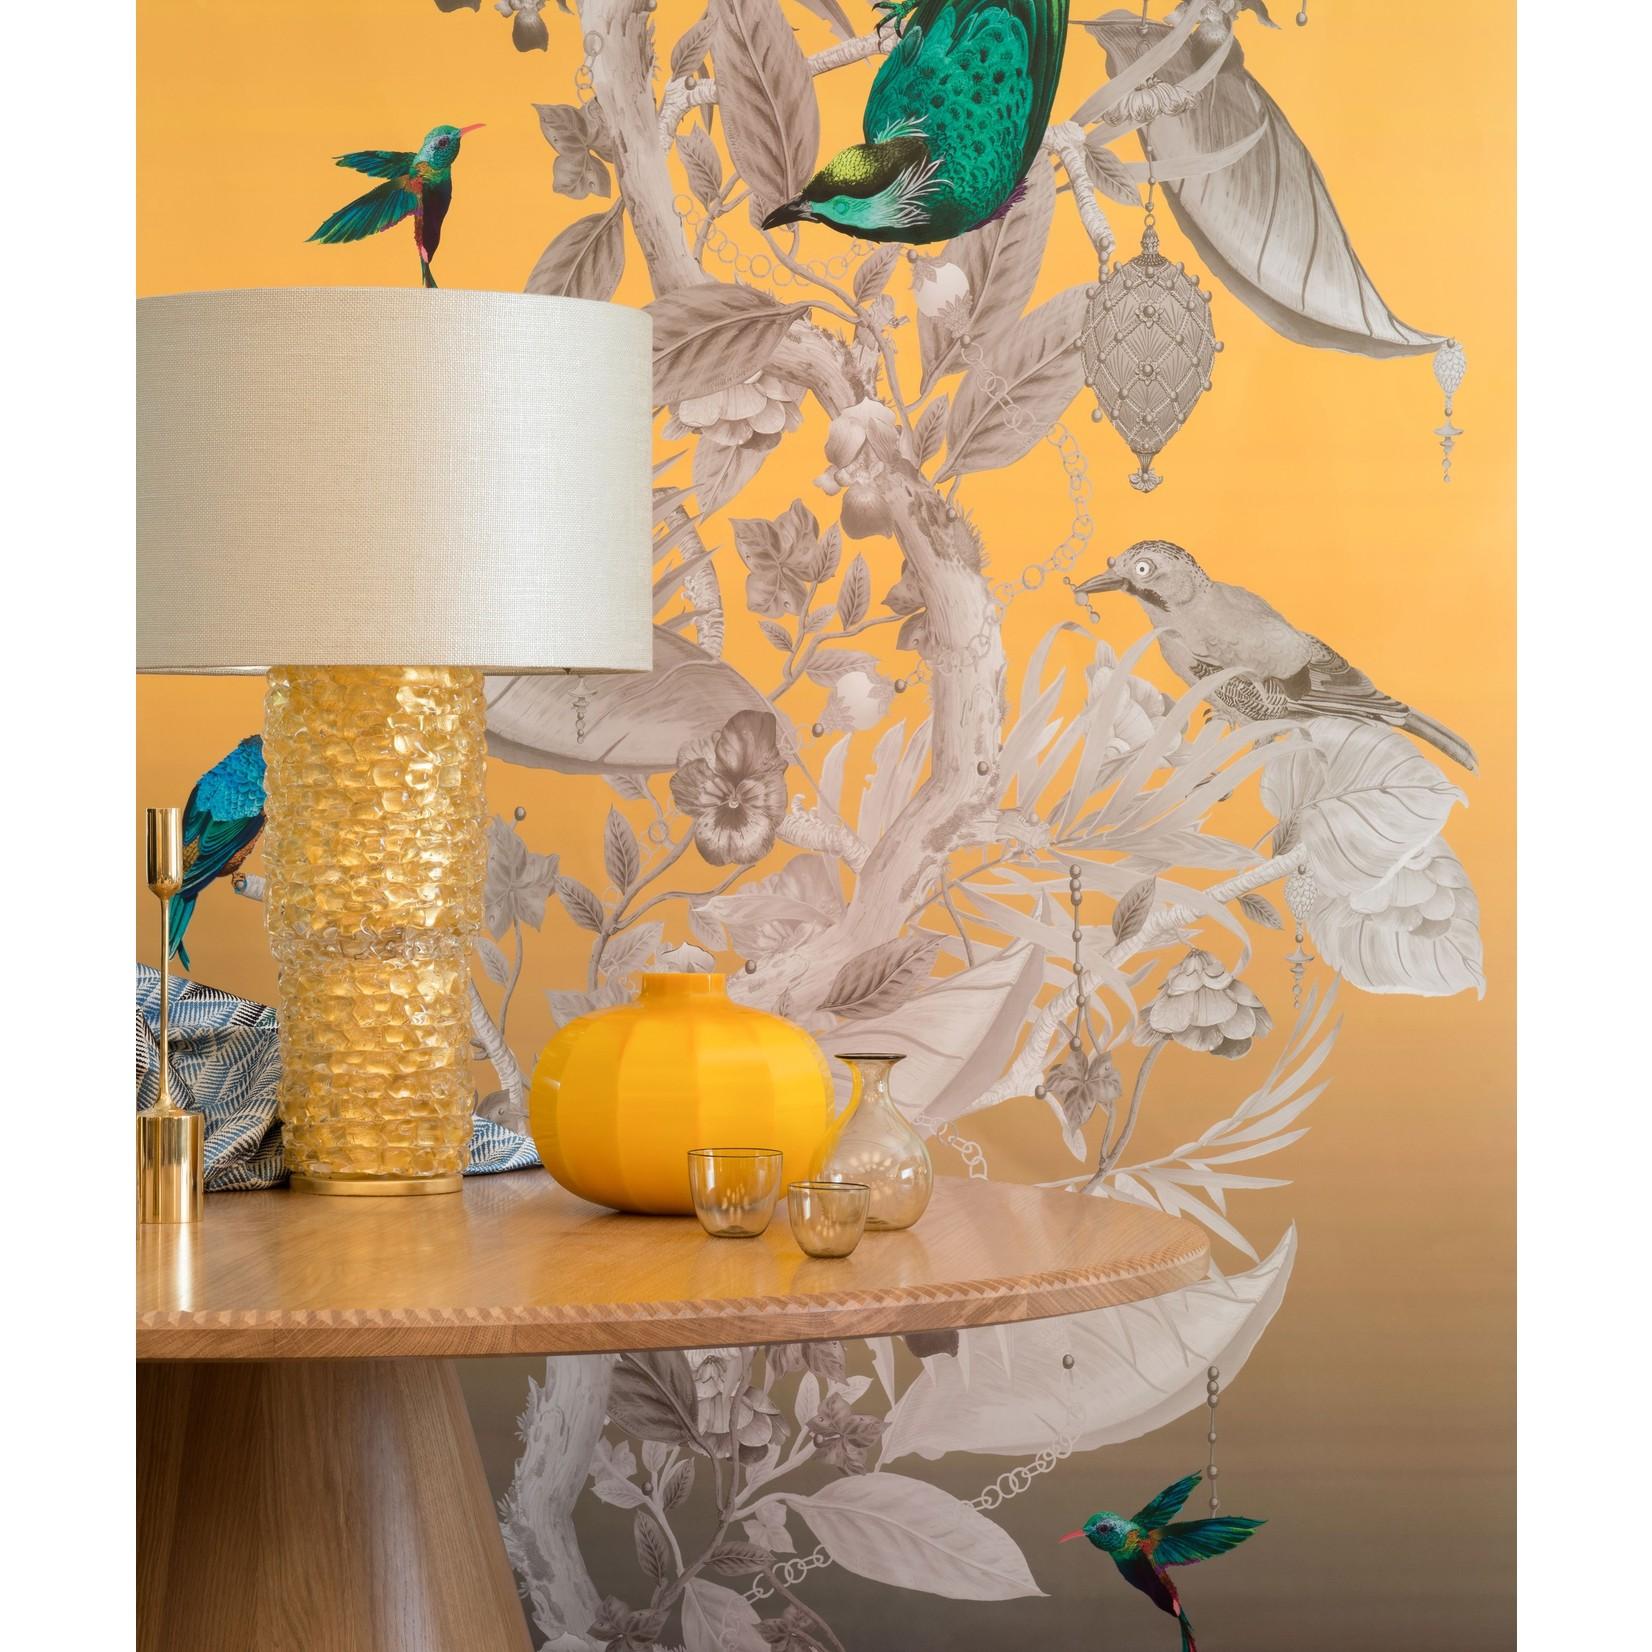 Kit Miles Ecclesiastical Botanica | Star Yellow